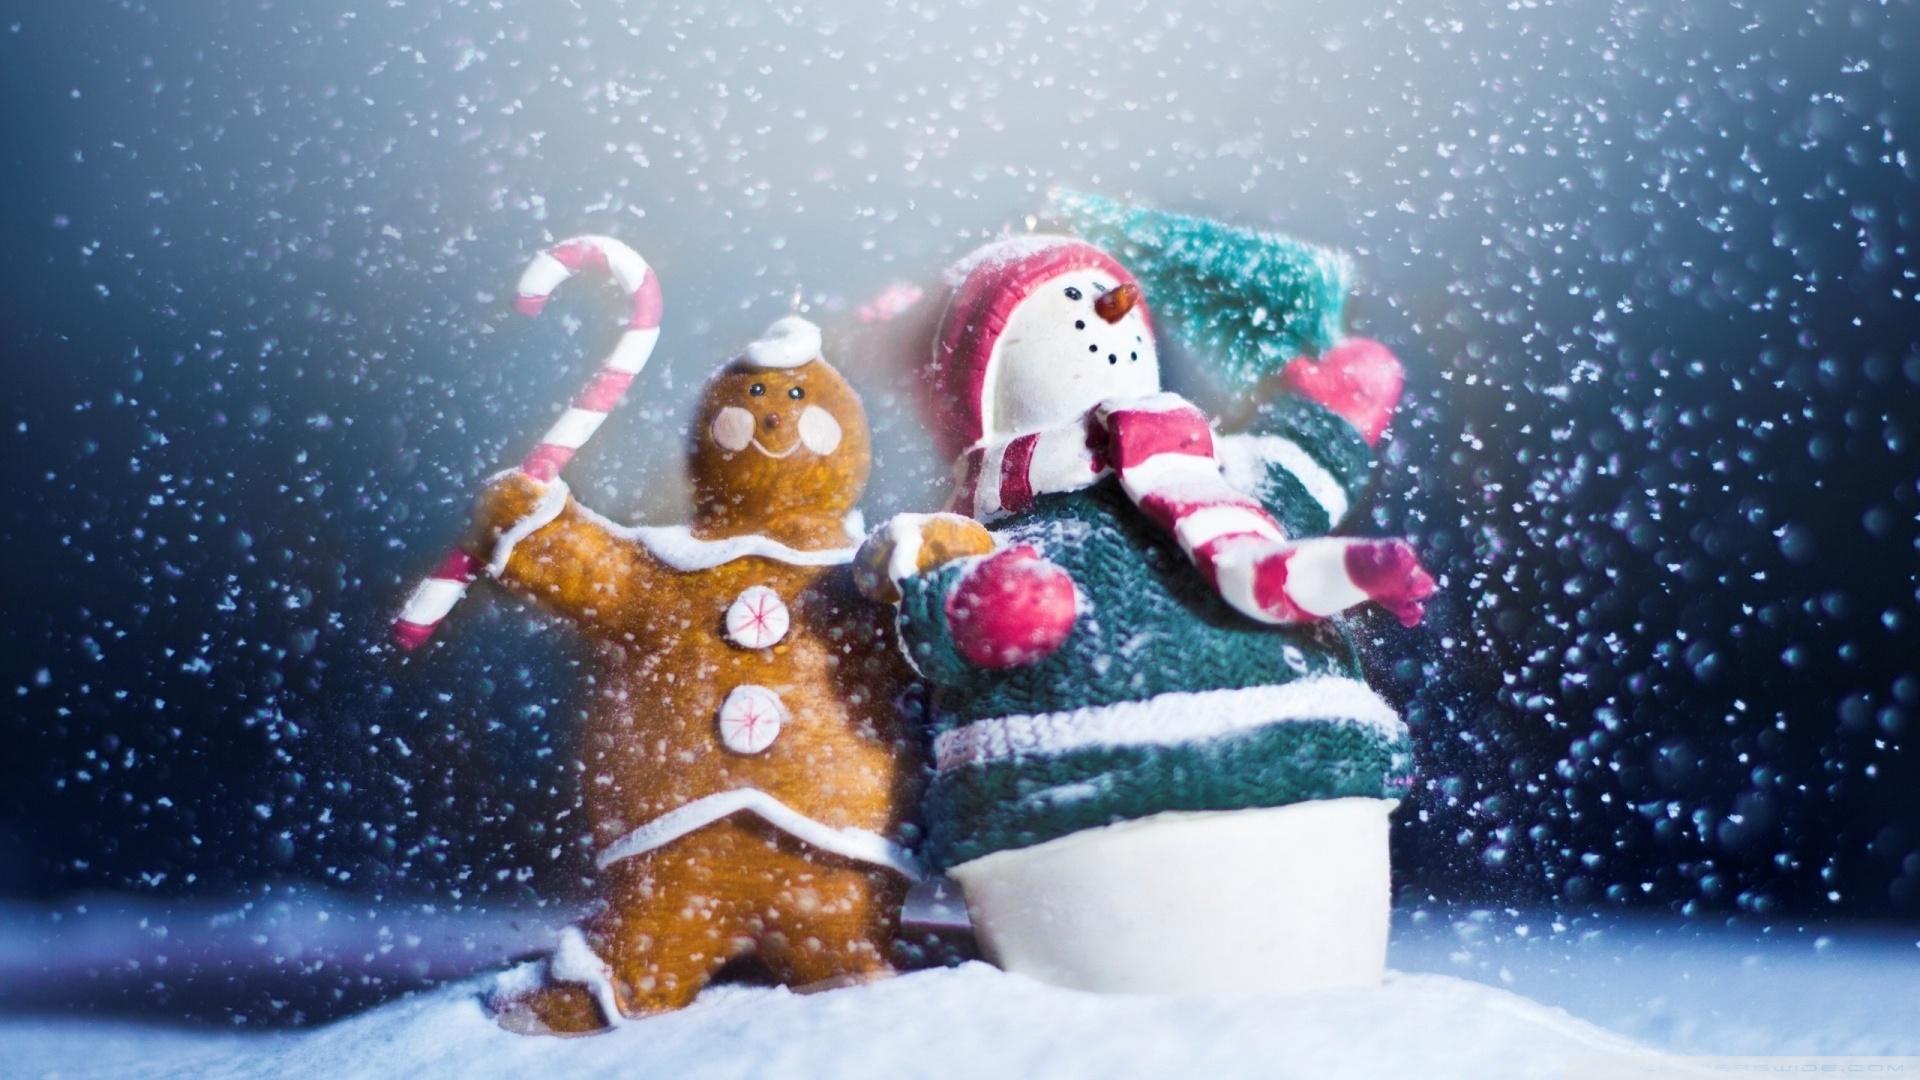 Το ΠΕΚ/ΑμεΑ εύχεται Καλά Χριστούγεννα!